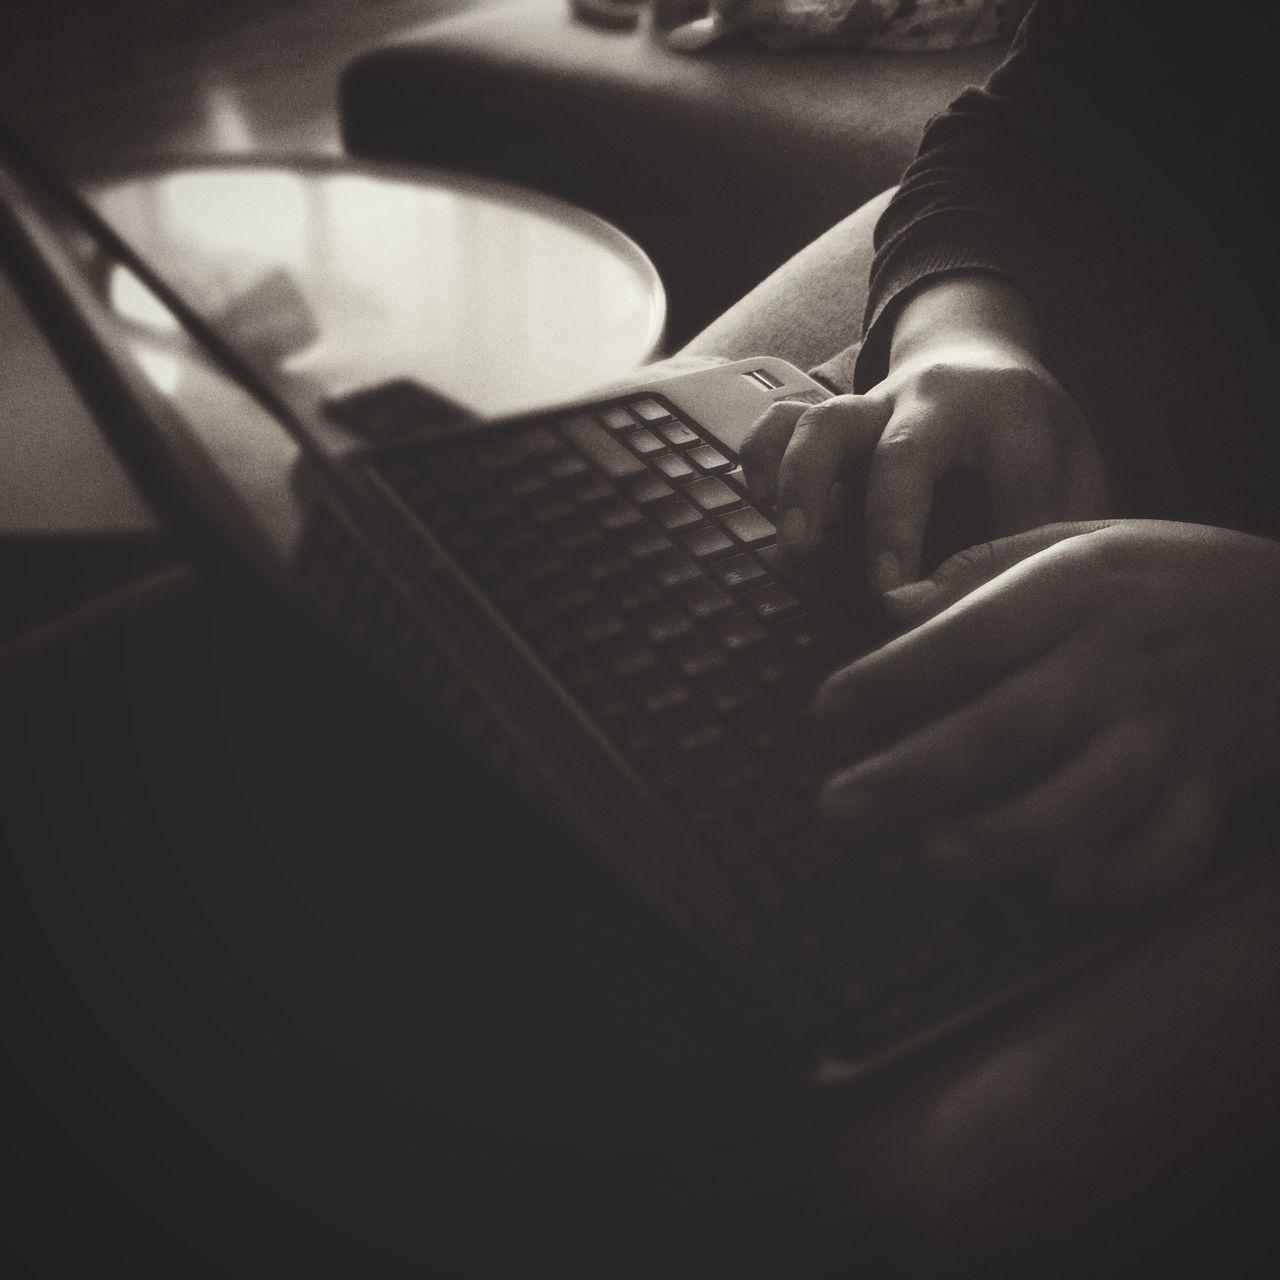 Working from home. Working Home Lowkeylighting Lowlight Blackandwhite Black & White